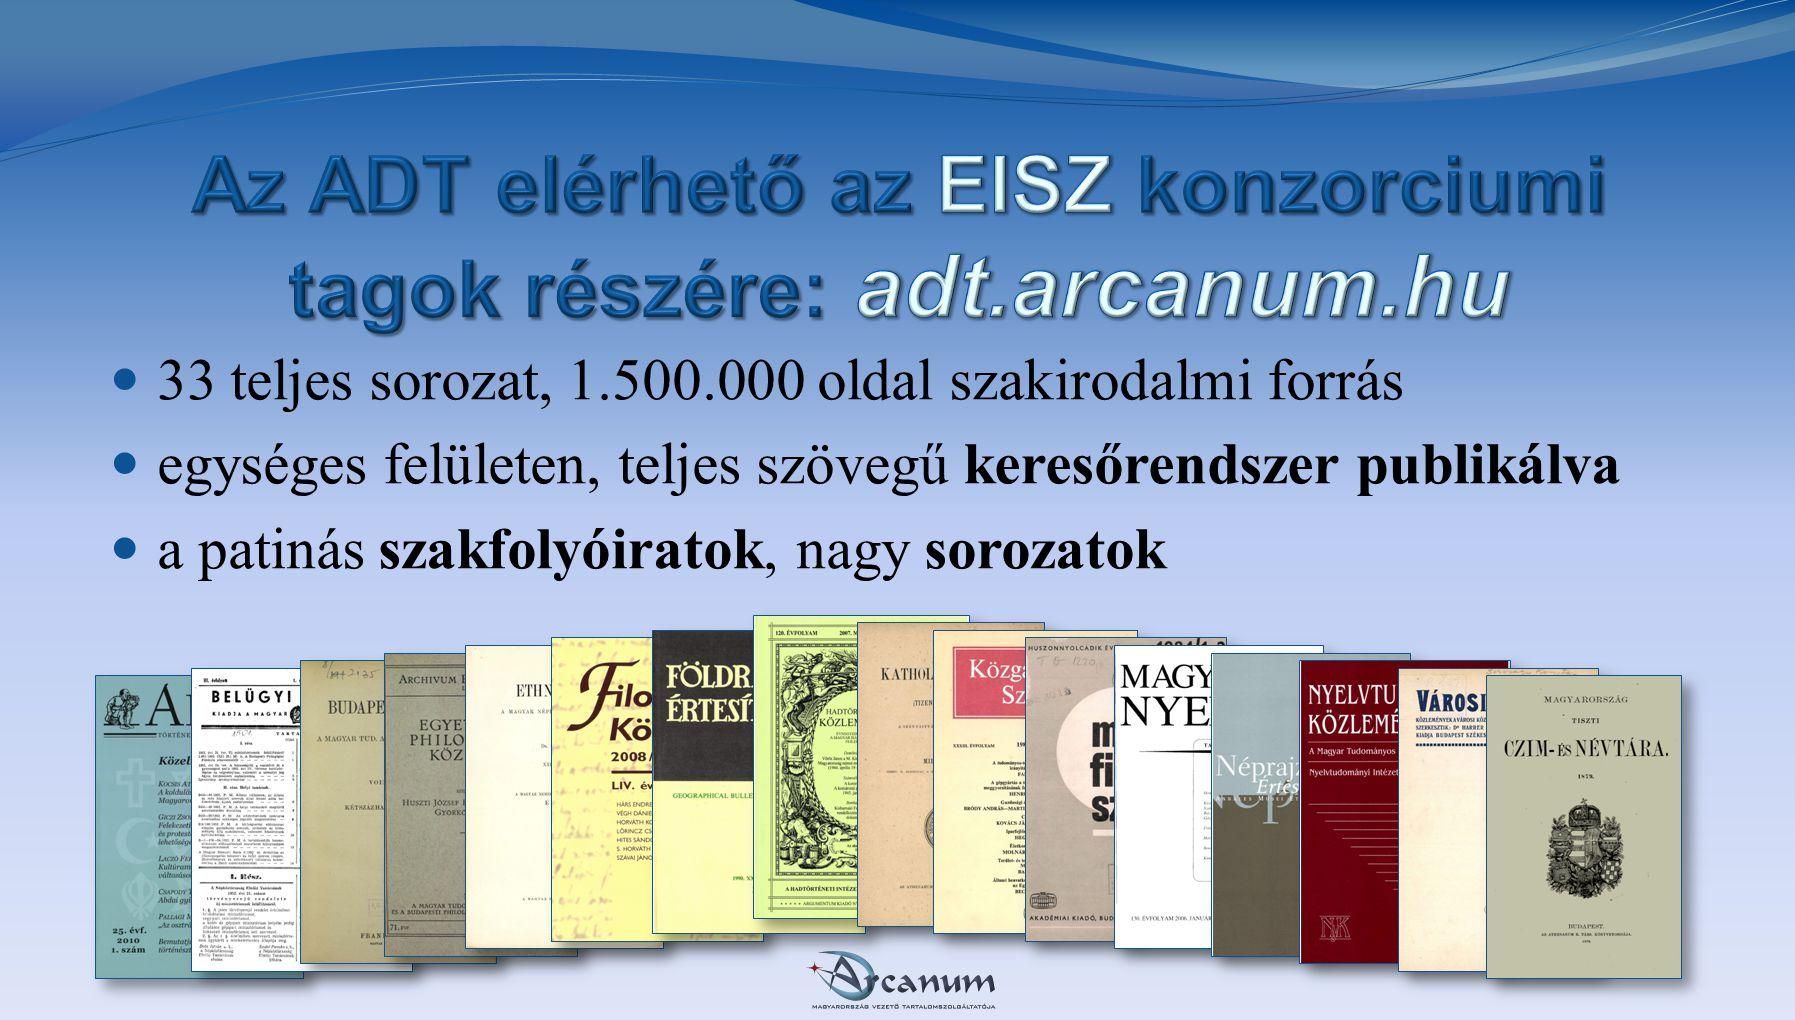  33 teljes sorozat, 1.500.000 oldal szakirodalmi forrás  egységes felületen, teljes szövegű keresőrendszer publikálva  a patinás szakfolyóiratok, n